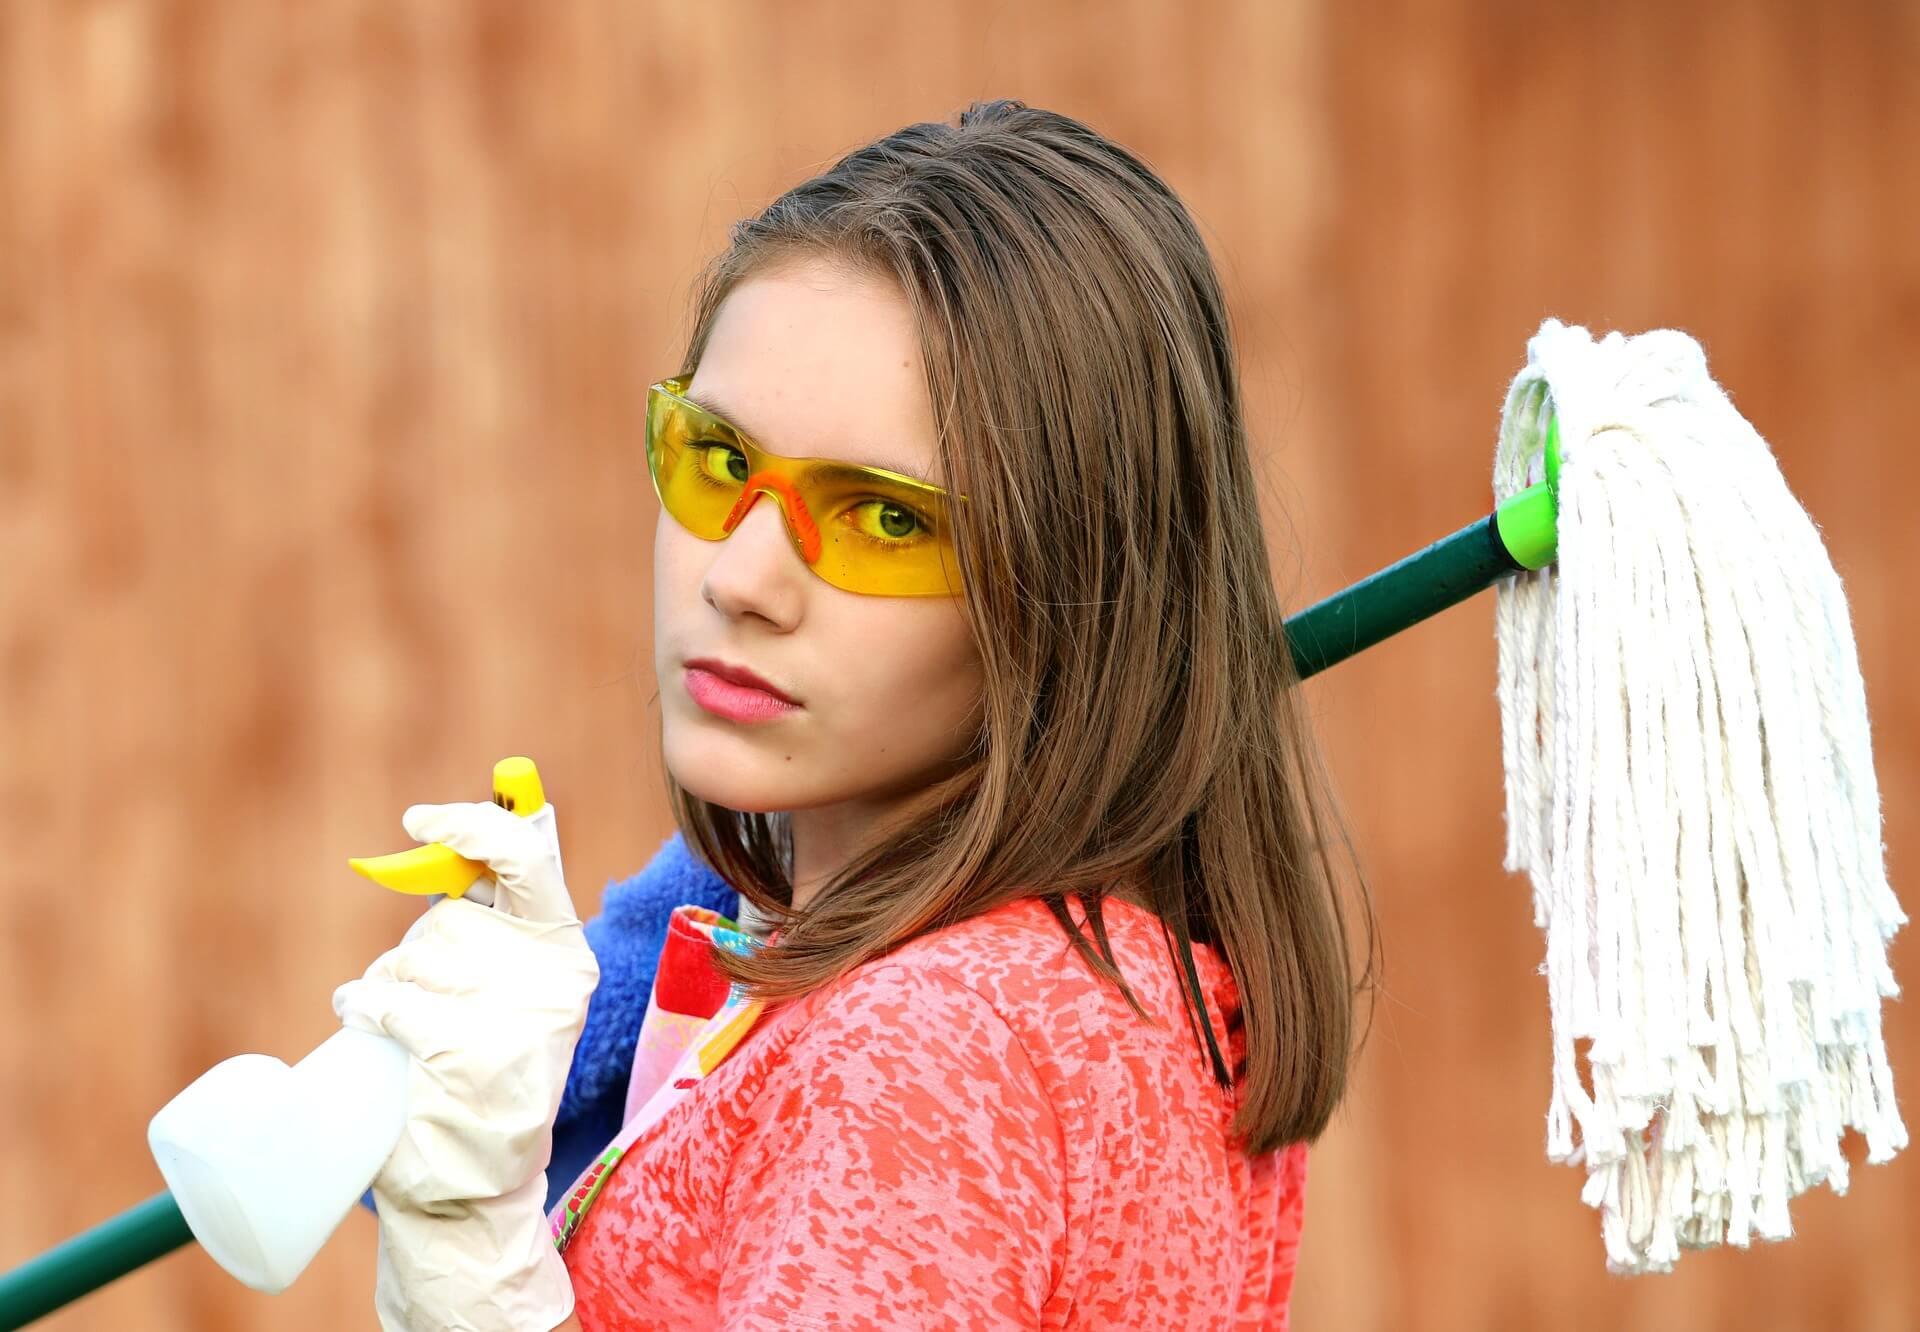 掃除道具を持っている女性